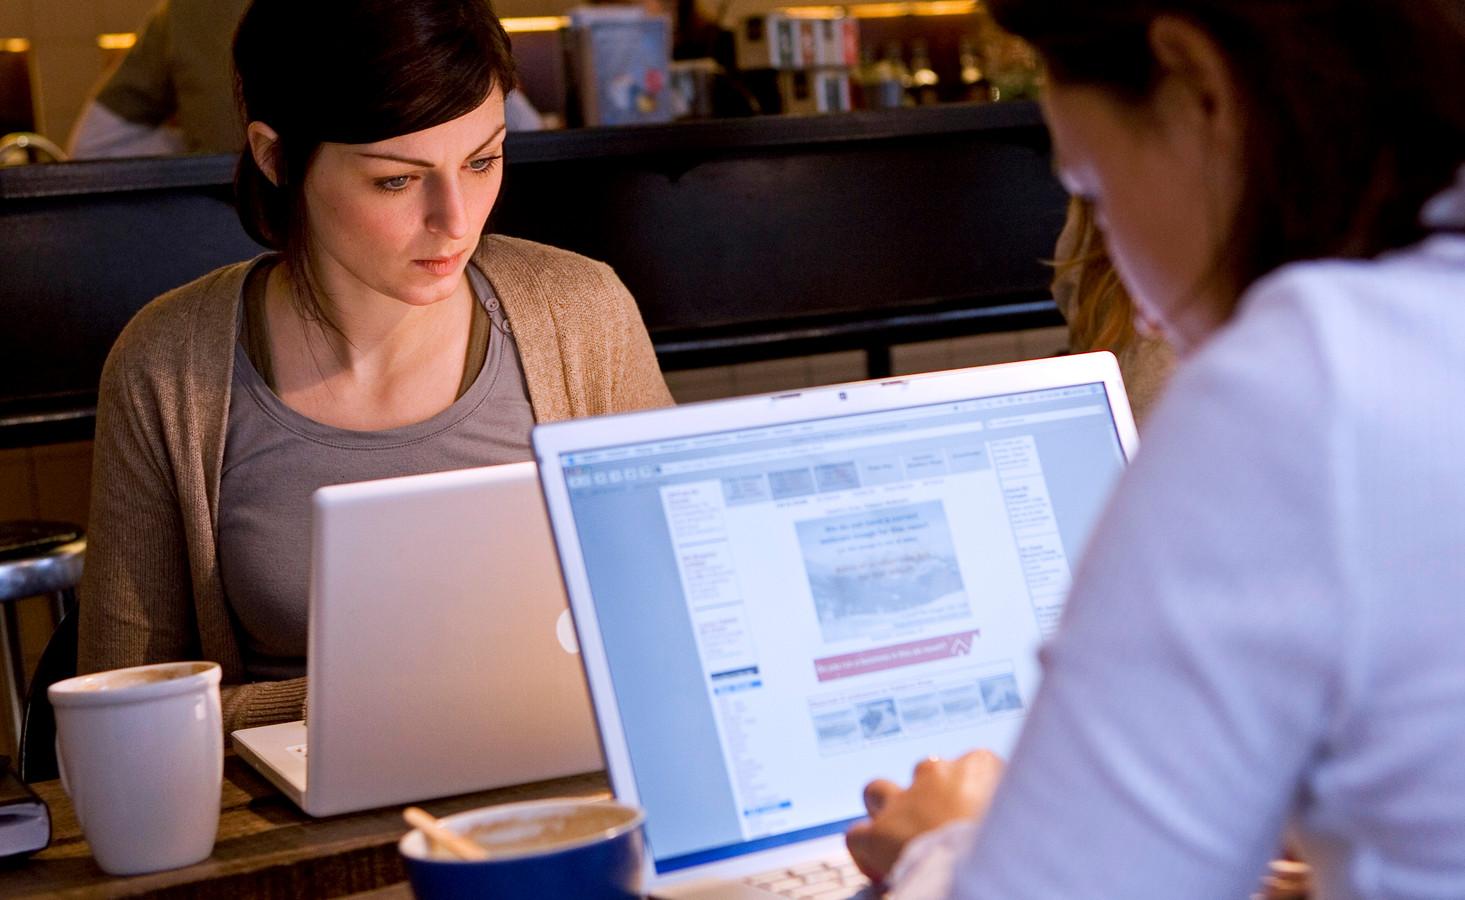 Gehoopt wordt dat dat mensen met een laptopje gaan zitten werken of studeren in de buurtcentra.